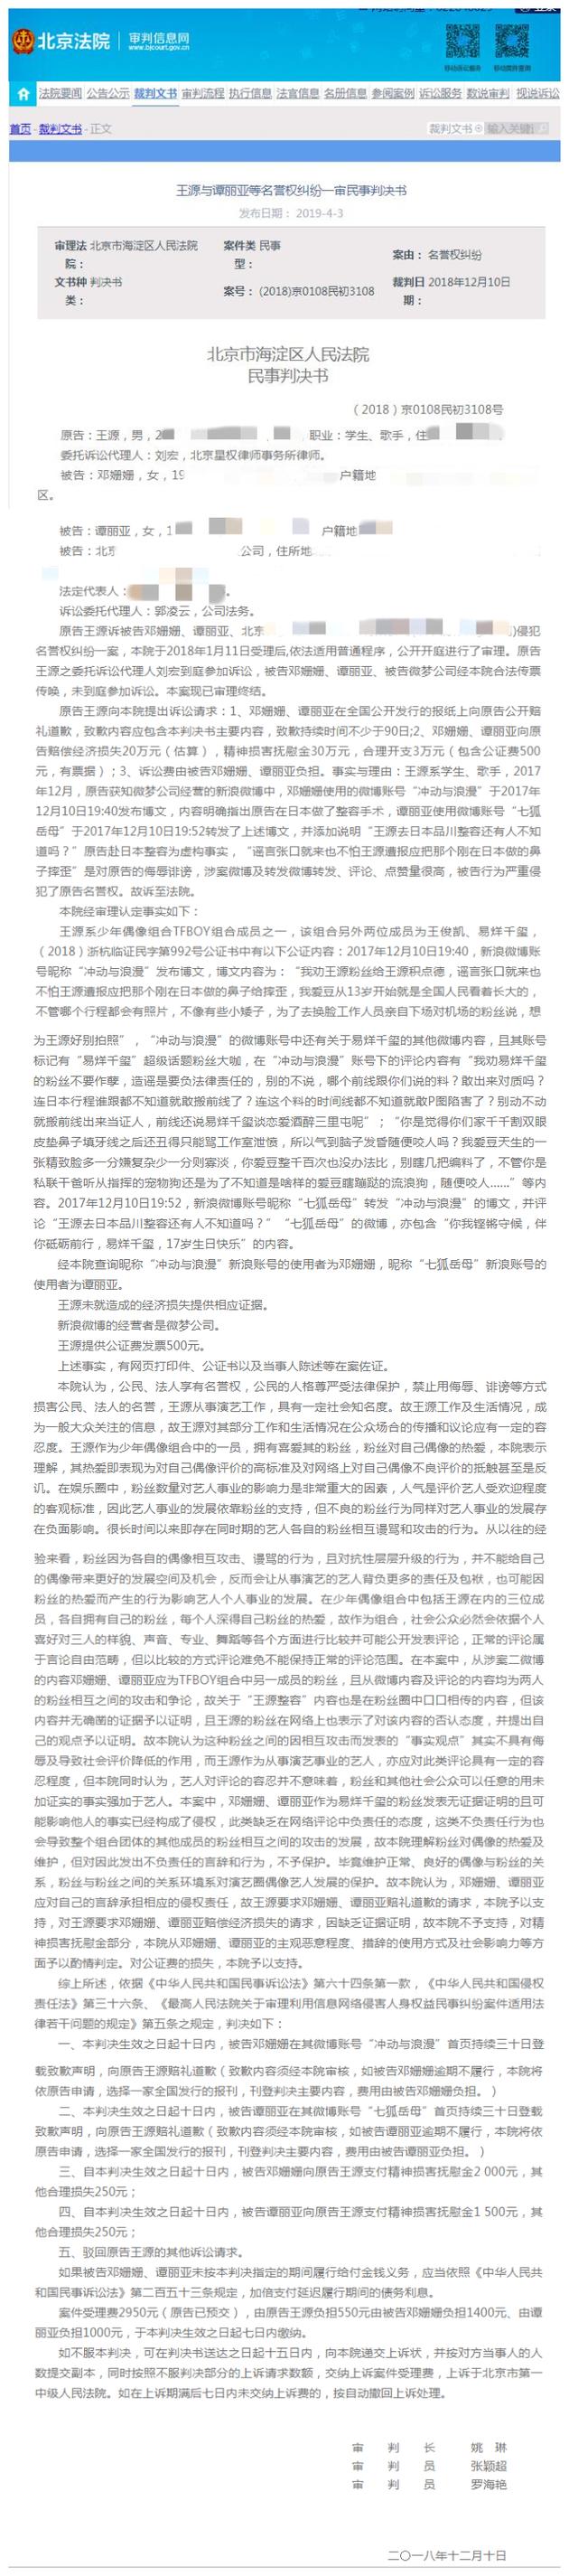 王源名誉权案胜诉 判决被告致歉并支付精神损失费